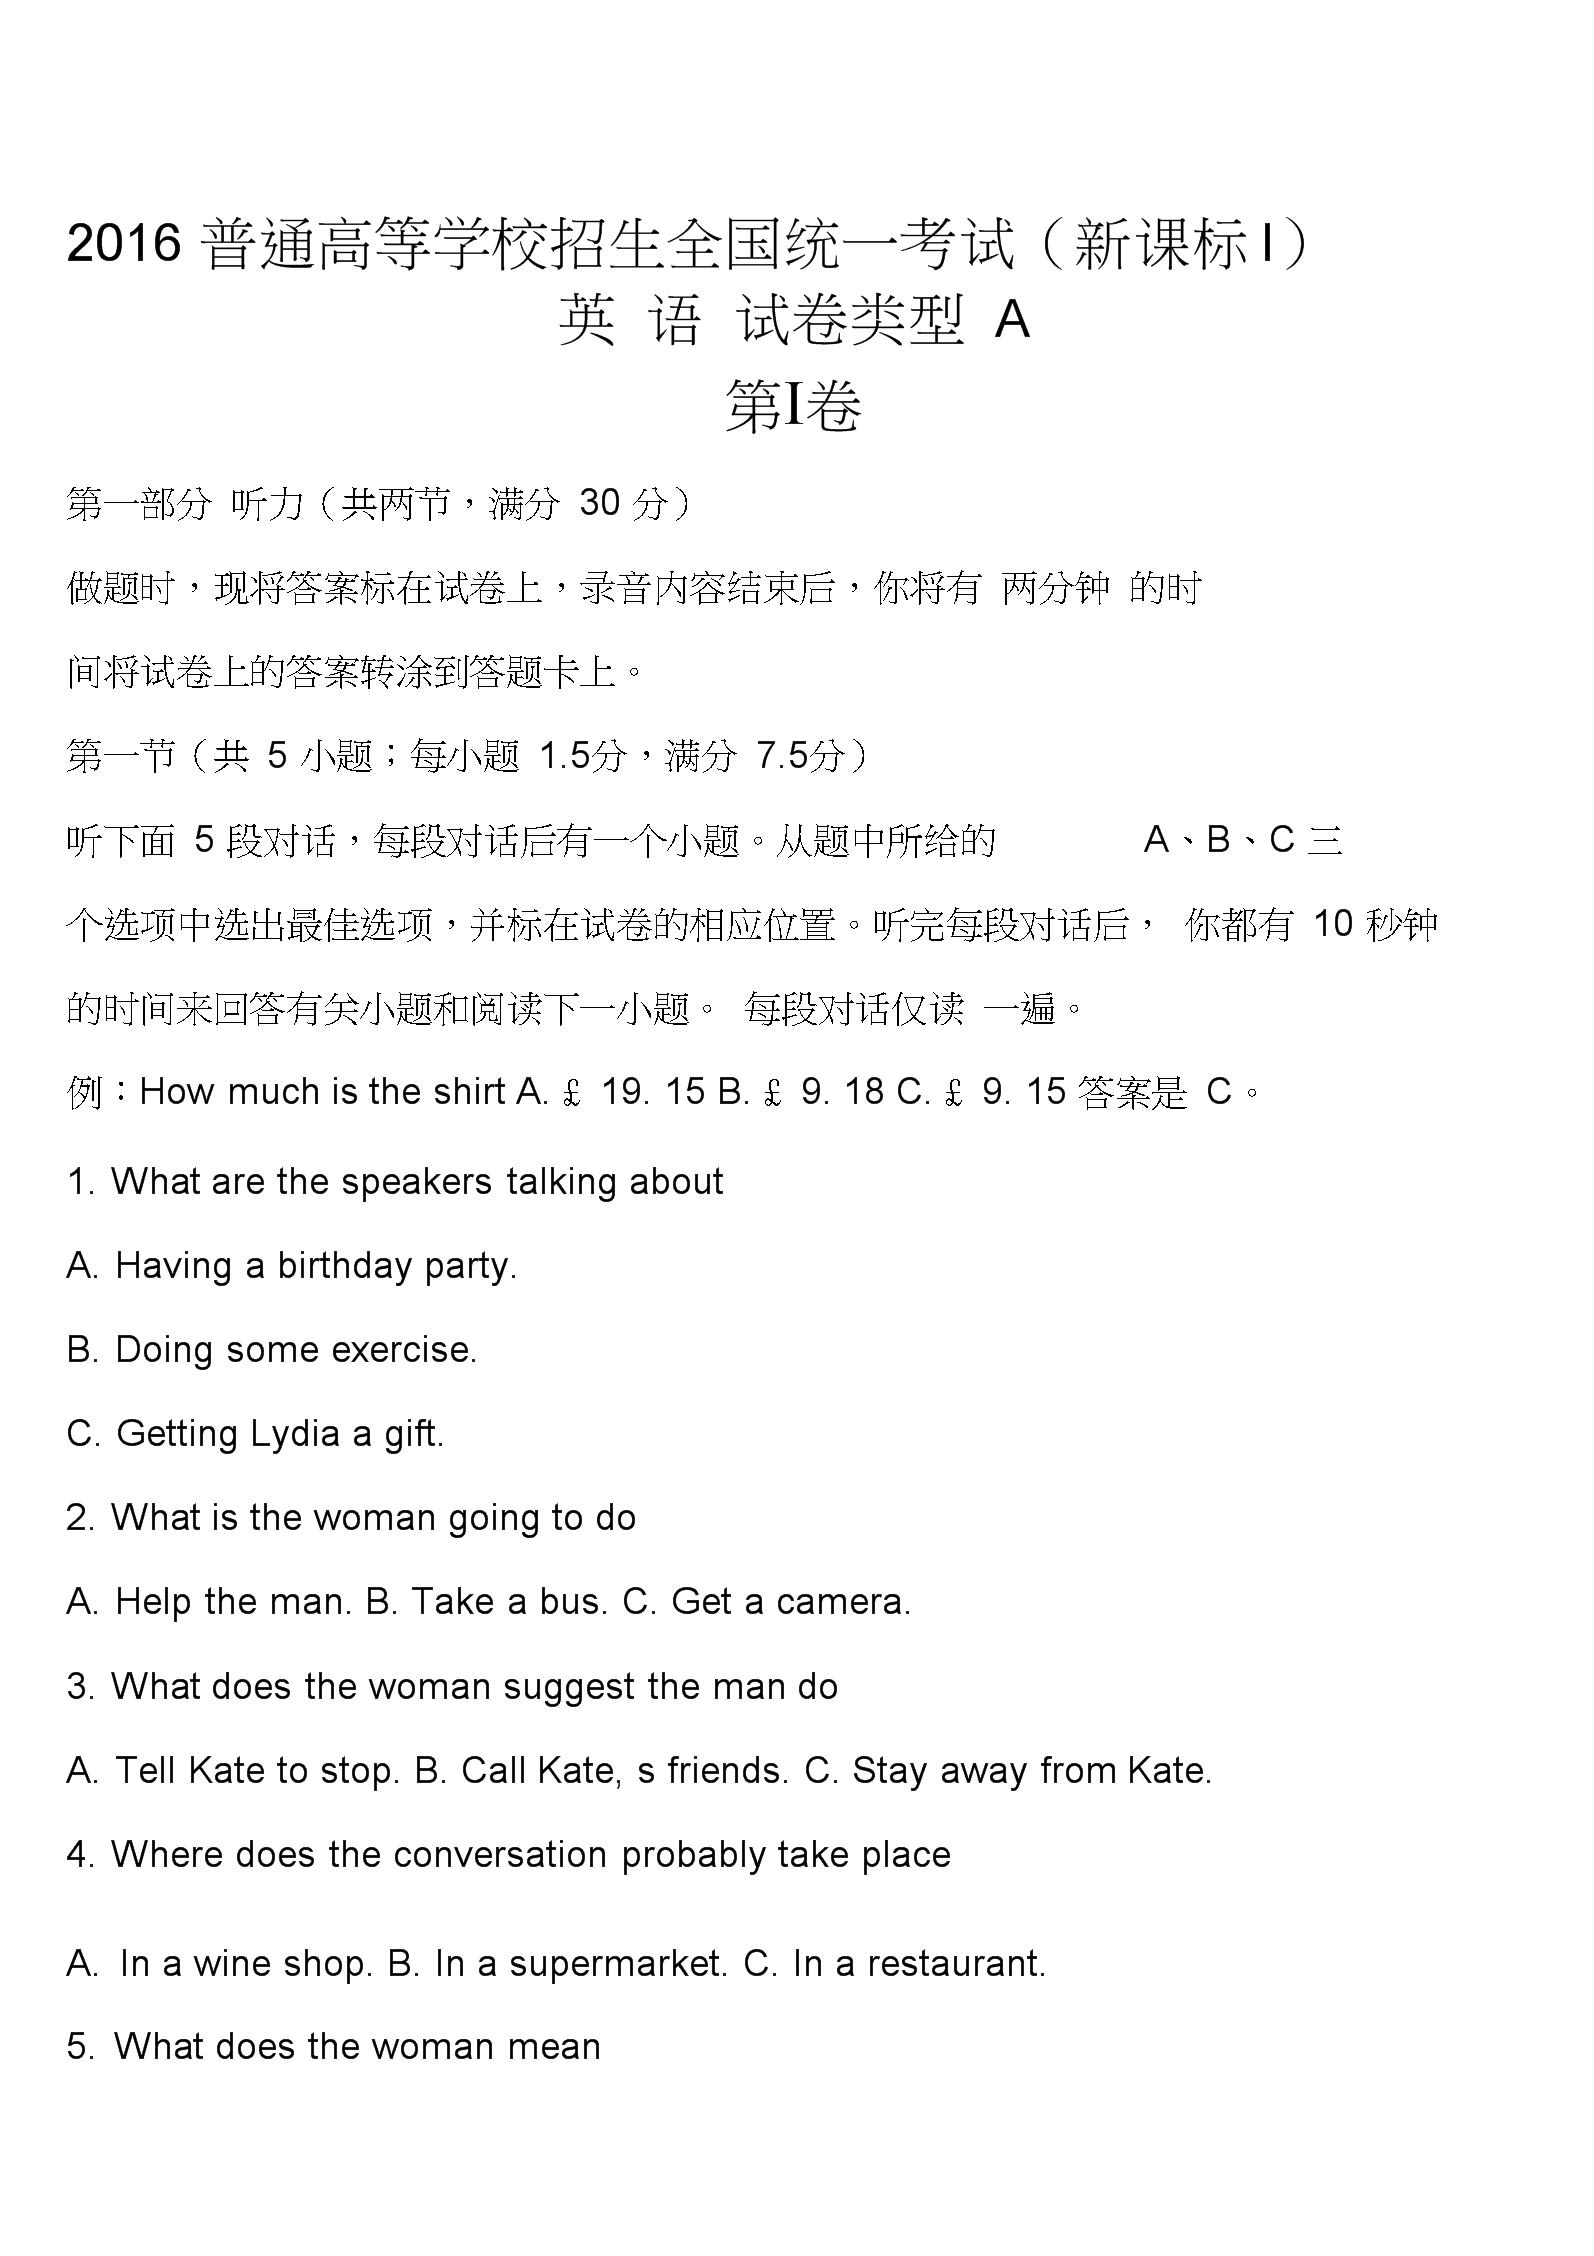 全国卷英语听力听力原文答案0001.docx